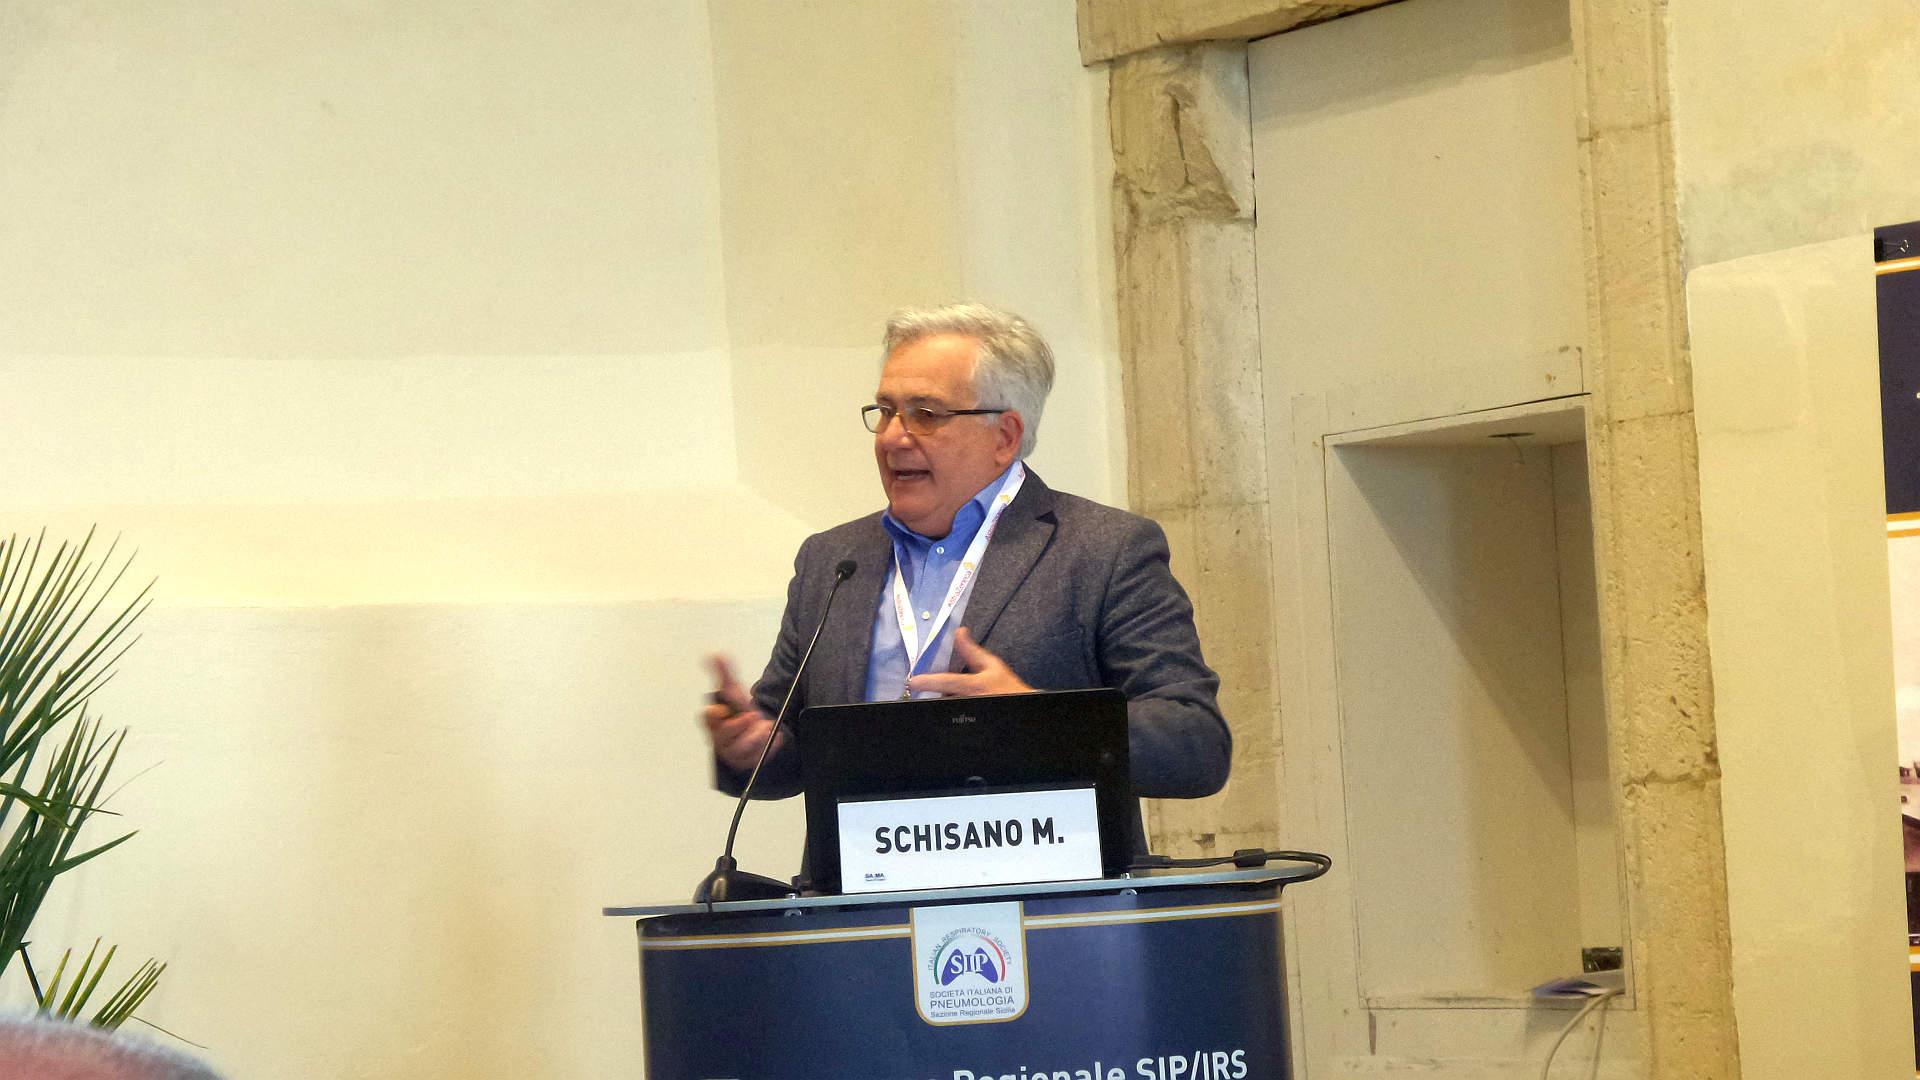 M. Schisano